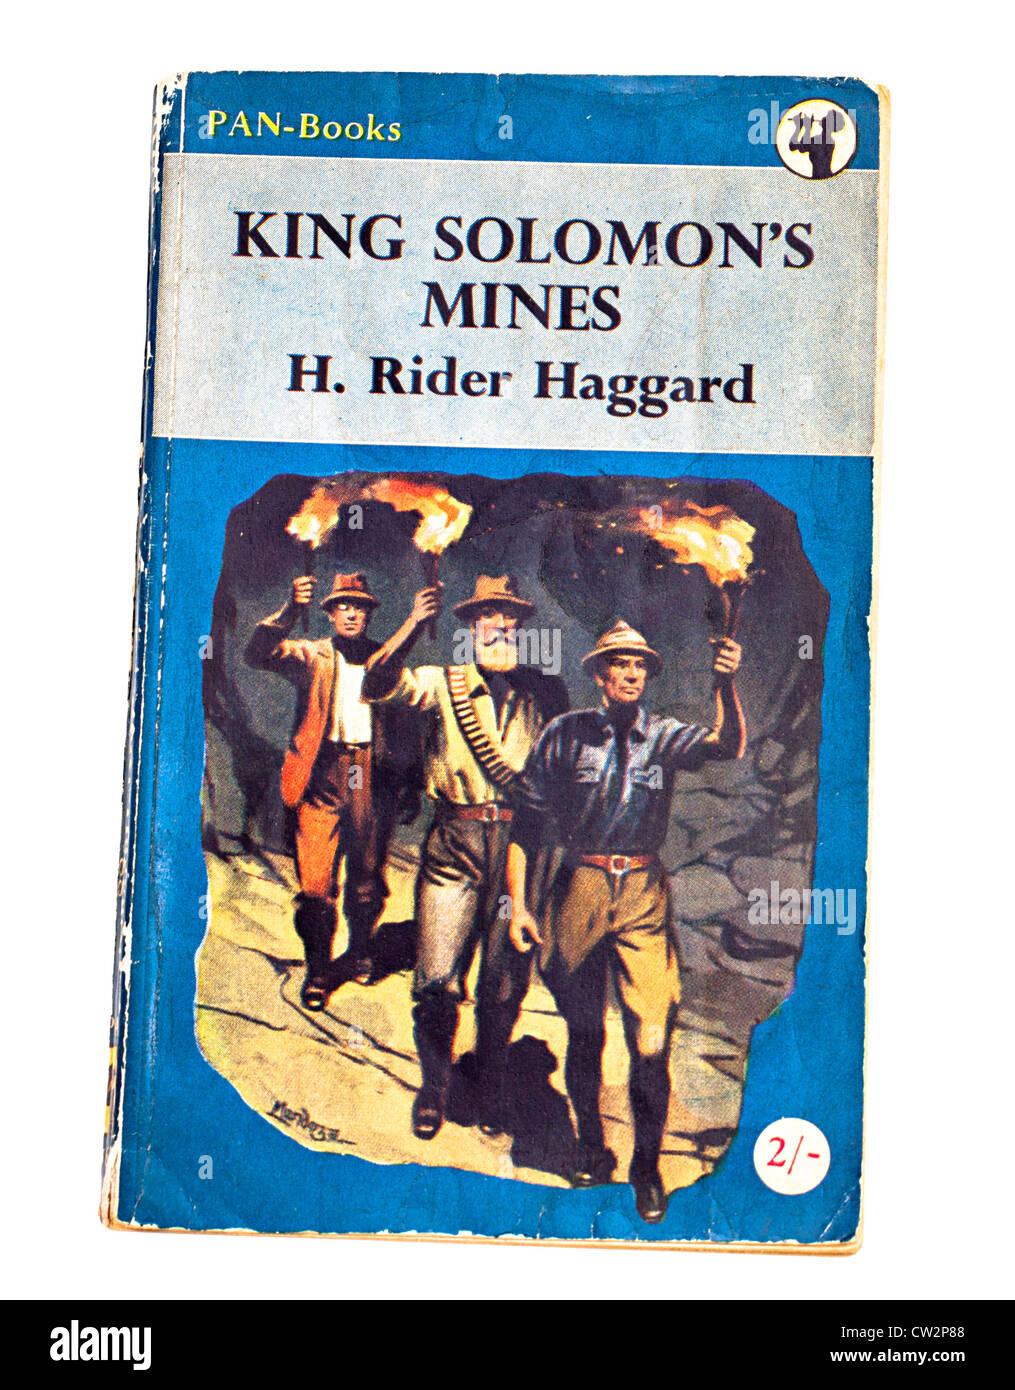 Classica avventura per bambini storia prenota King Solomon's Mine da H. Rider Haggard pubblicato da Pan Immagini Stock